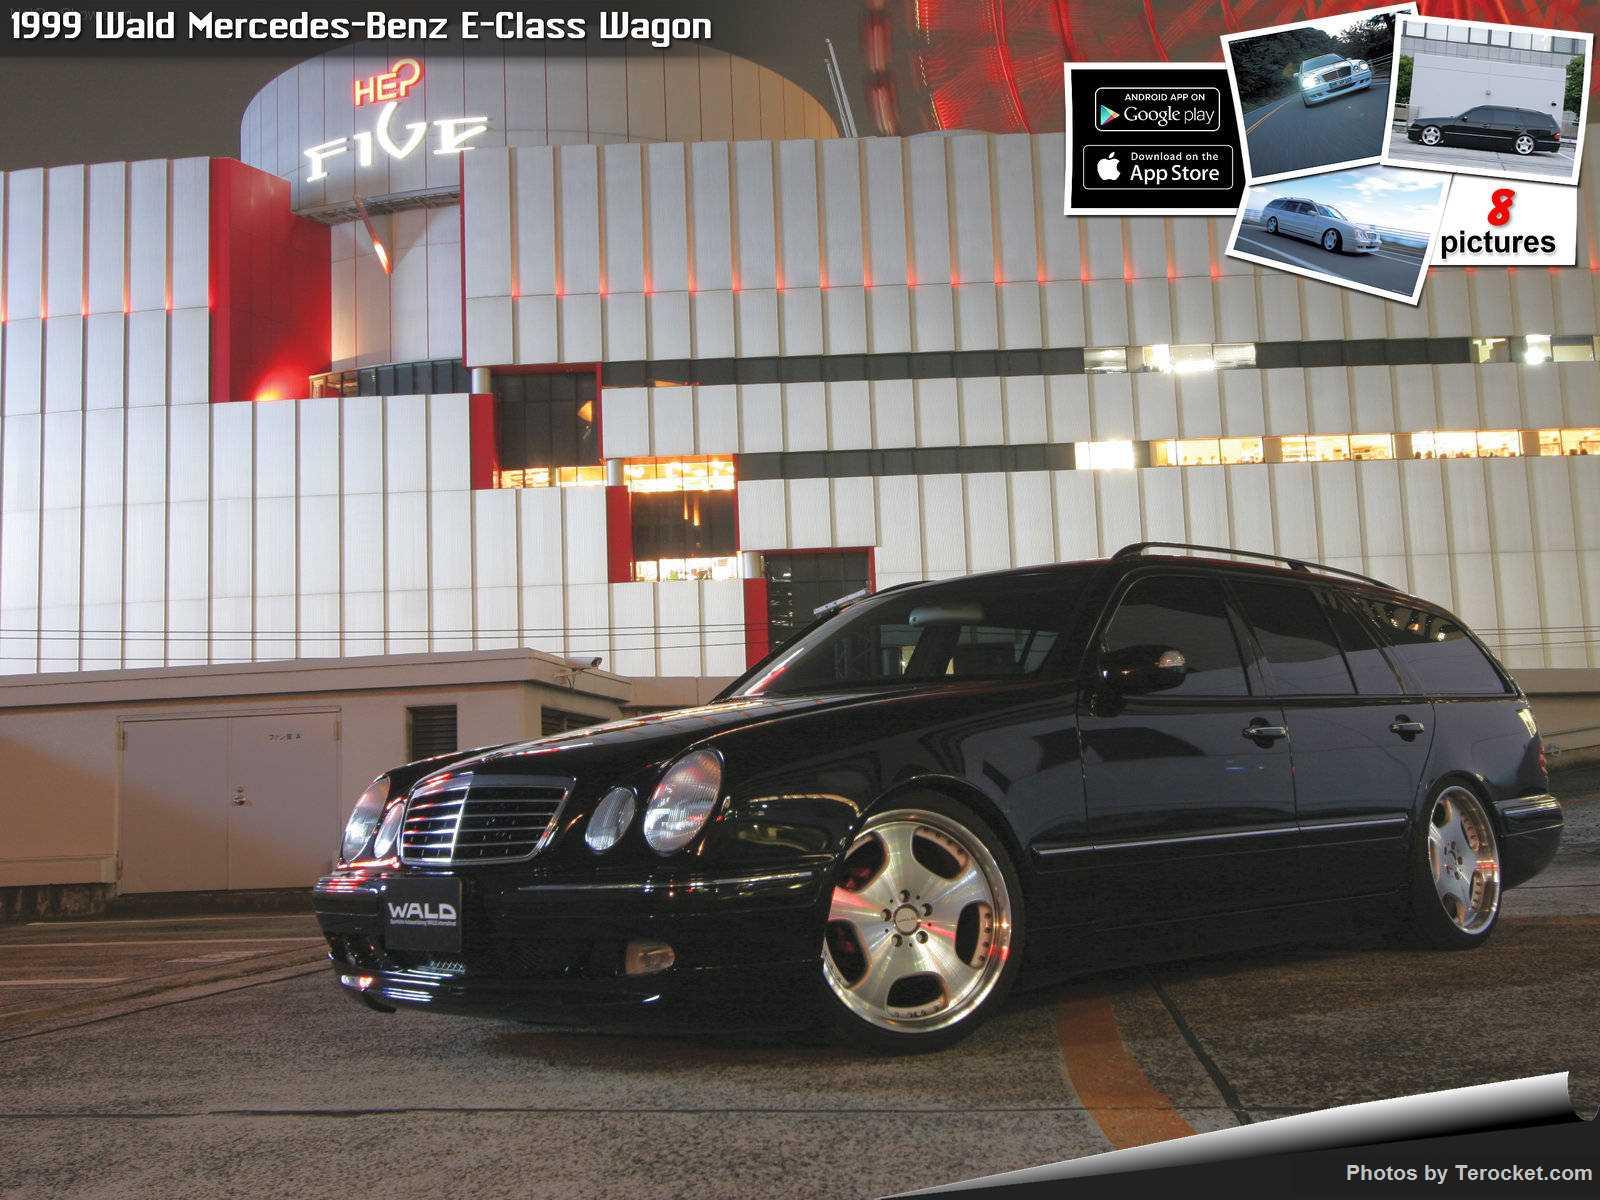 Hình ảnh xe độ Wald Mercedes-Benz E-Class Wagon 1999 & nội ngoại thất